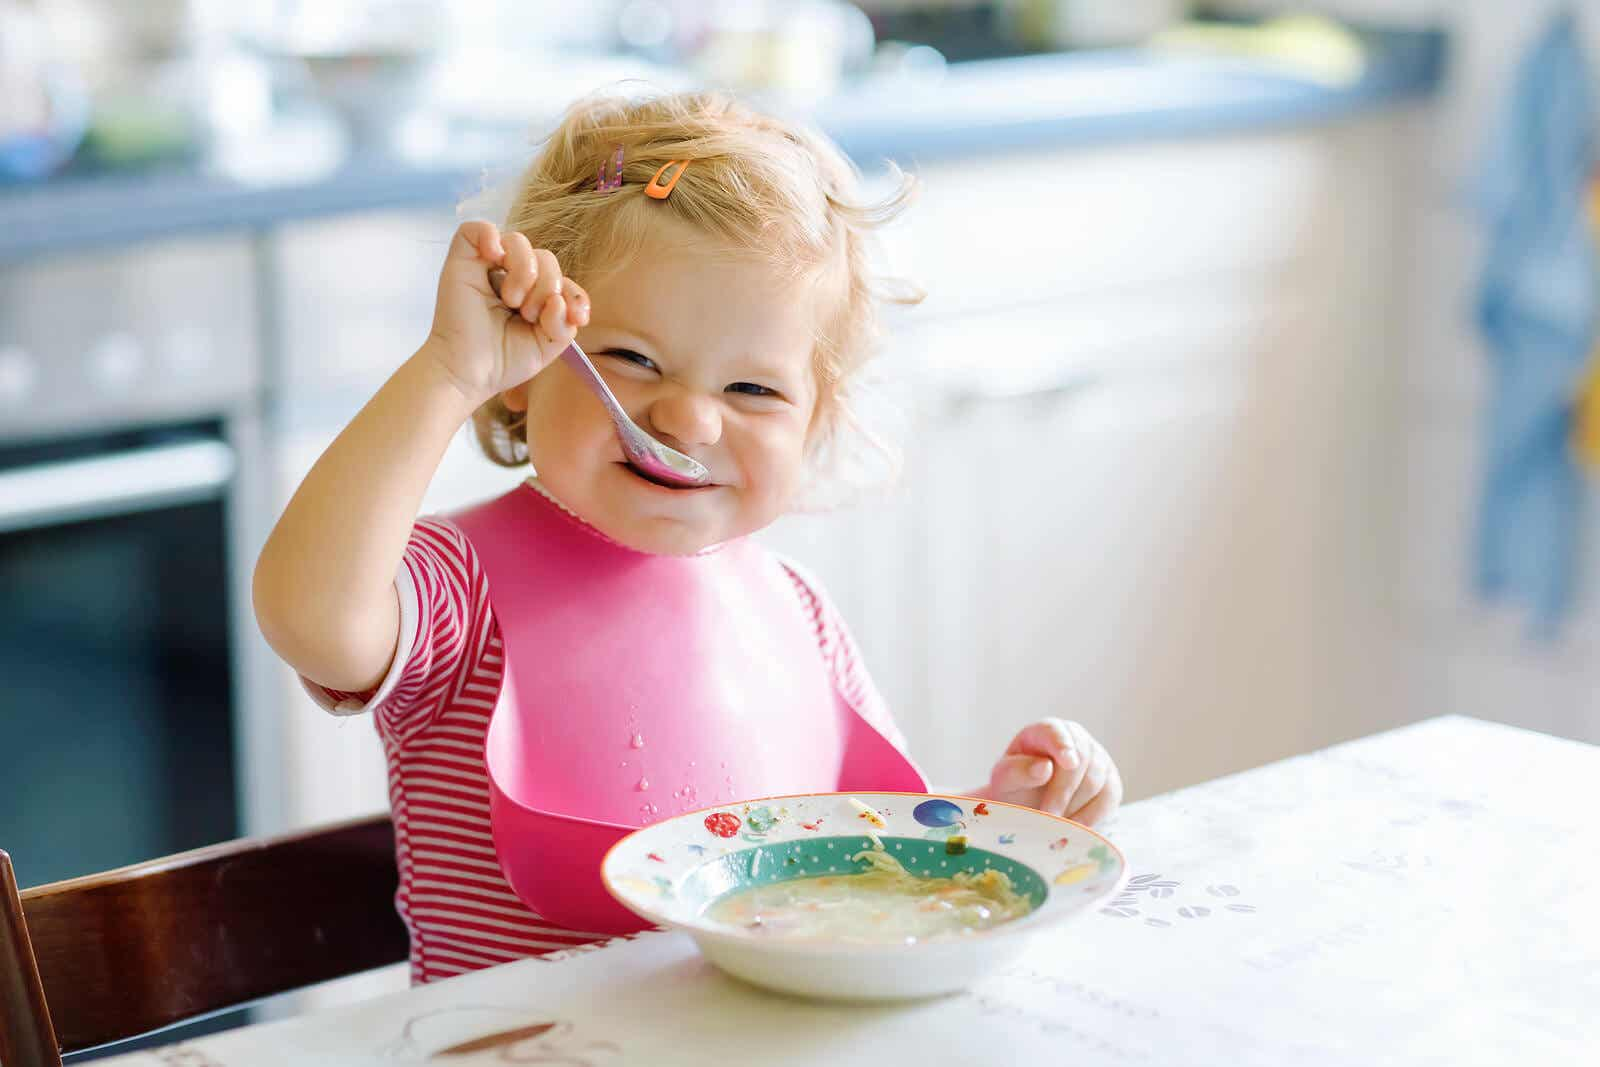 Piger spiser selv